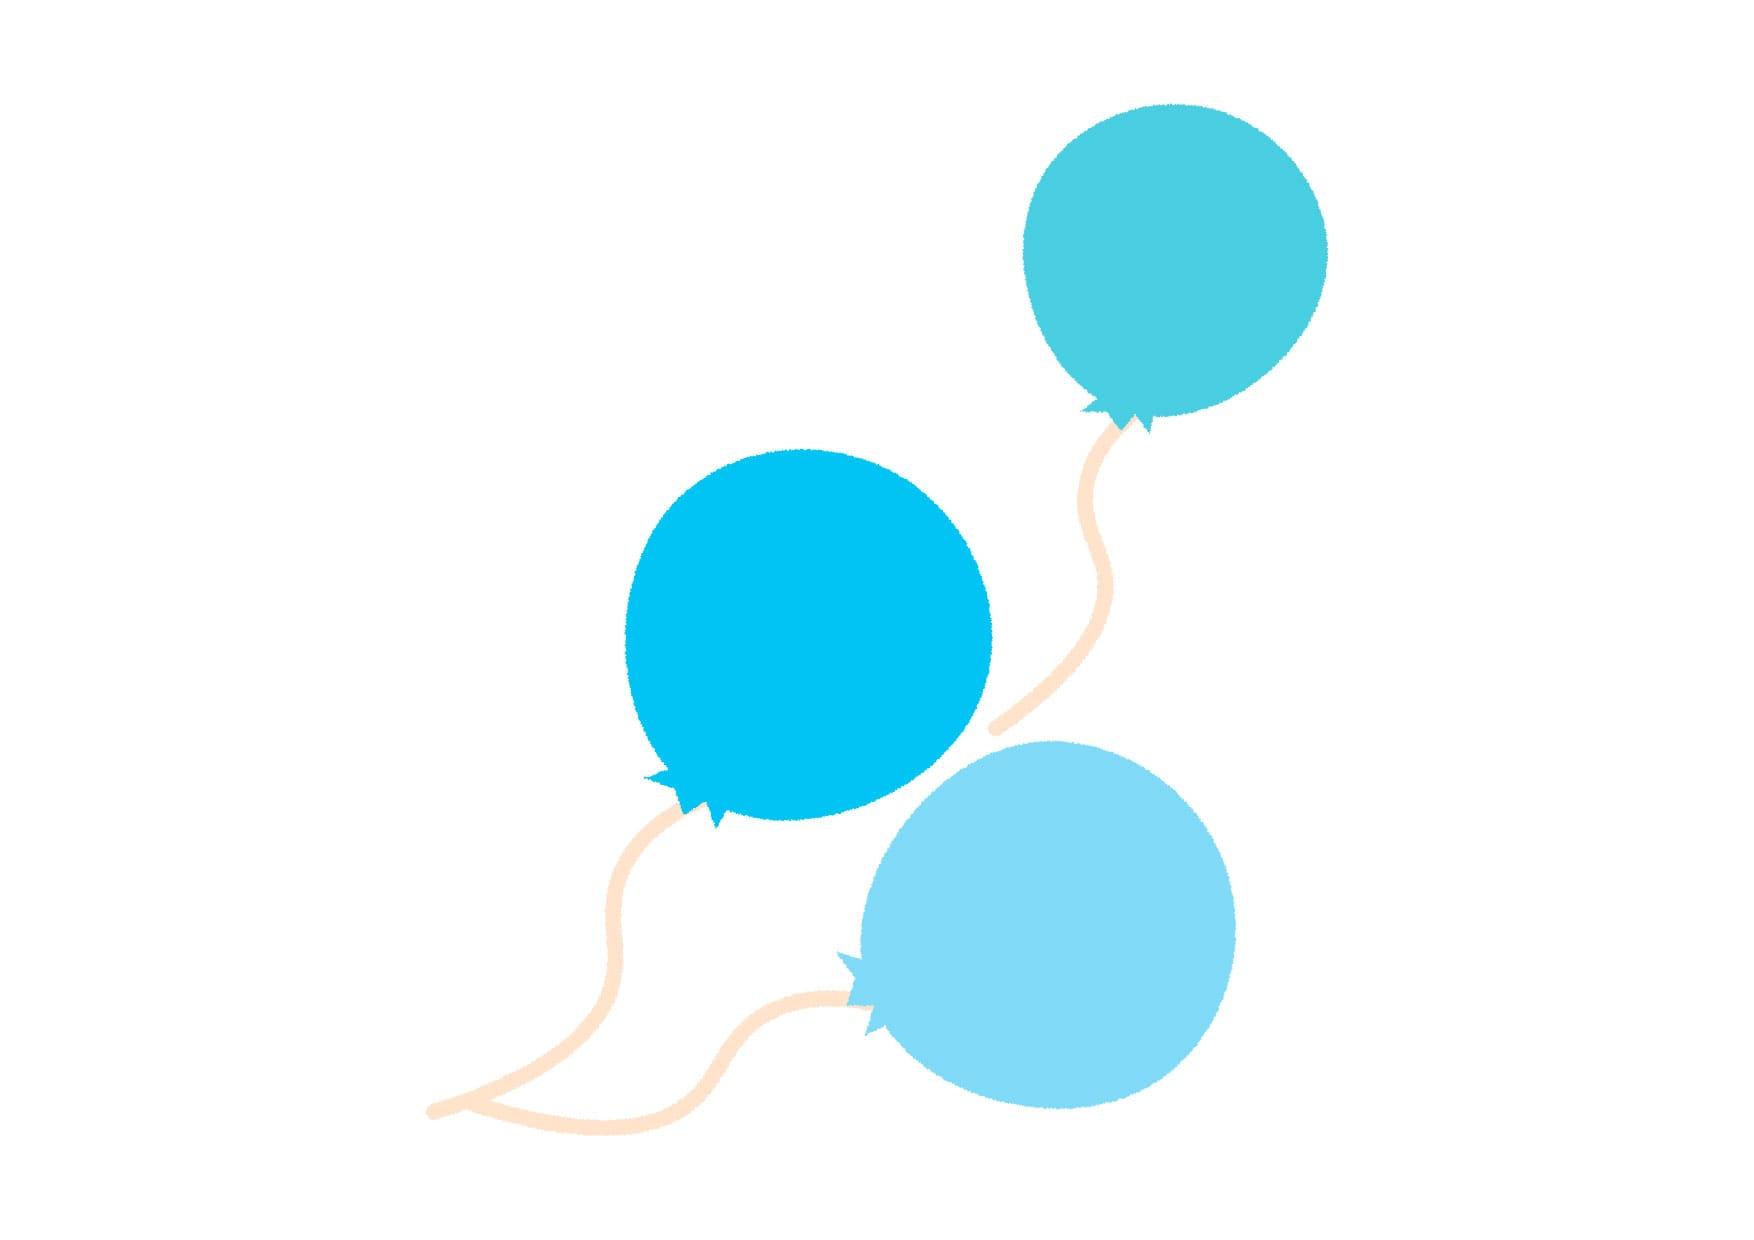 可愛いイラスト無料|風船 青色 − free illustration Balloon blue